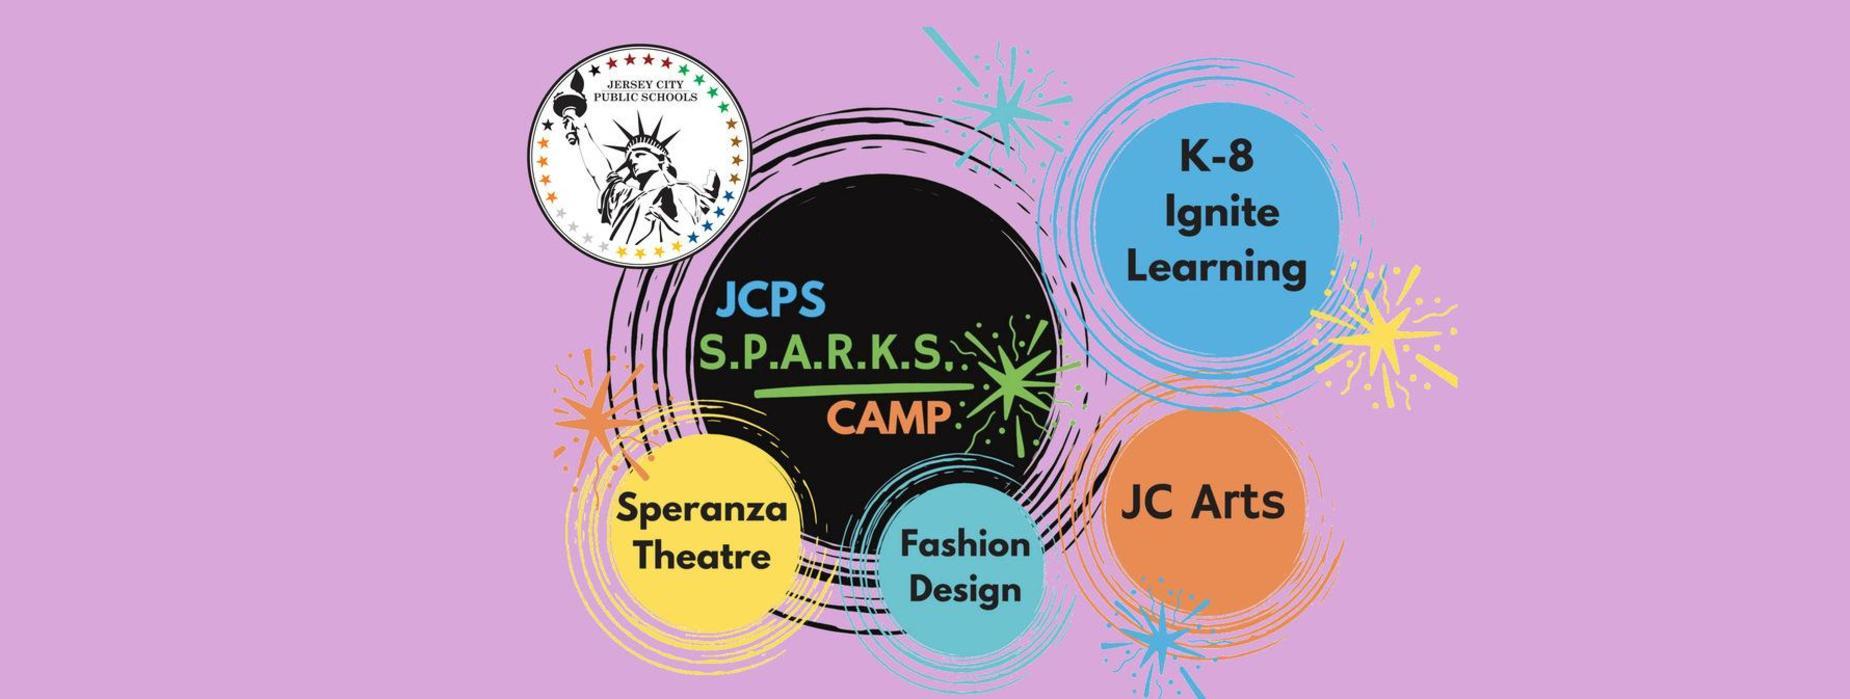 SPARKS CAMP